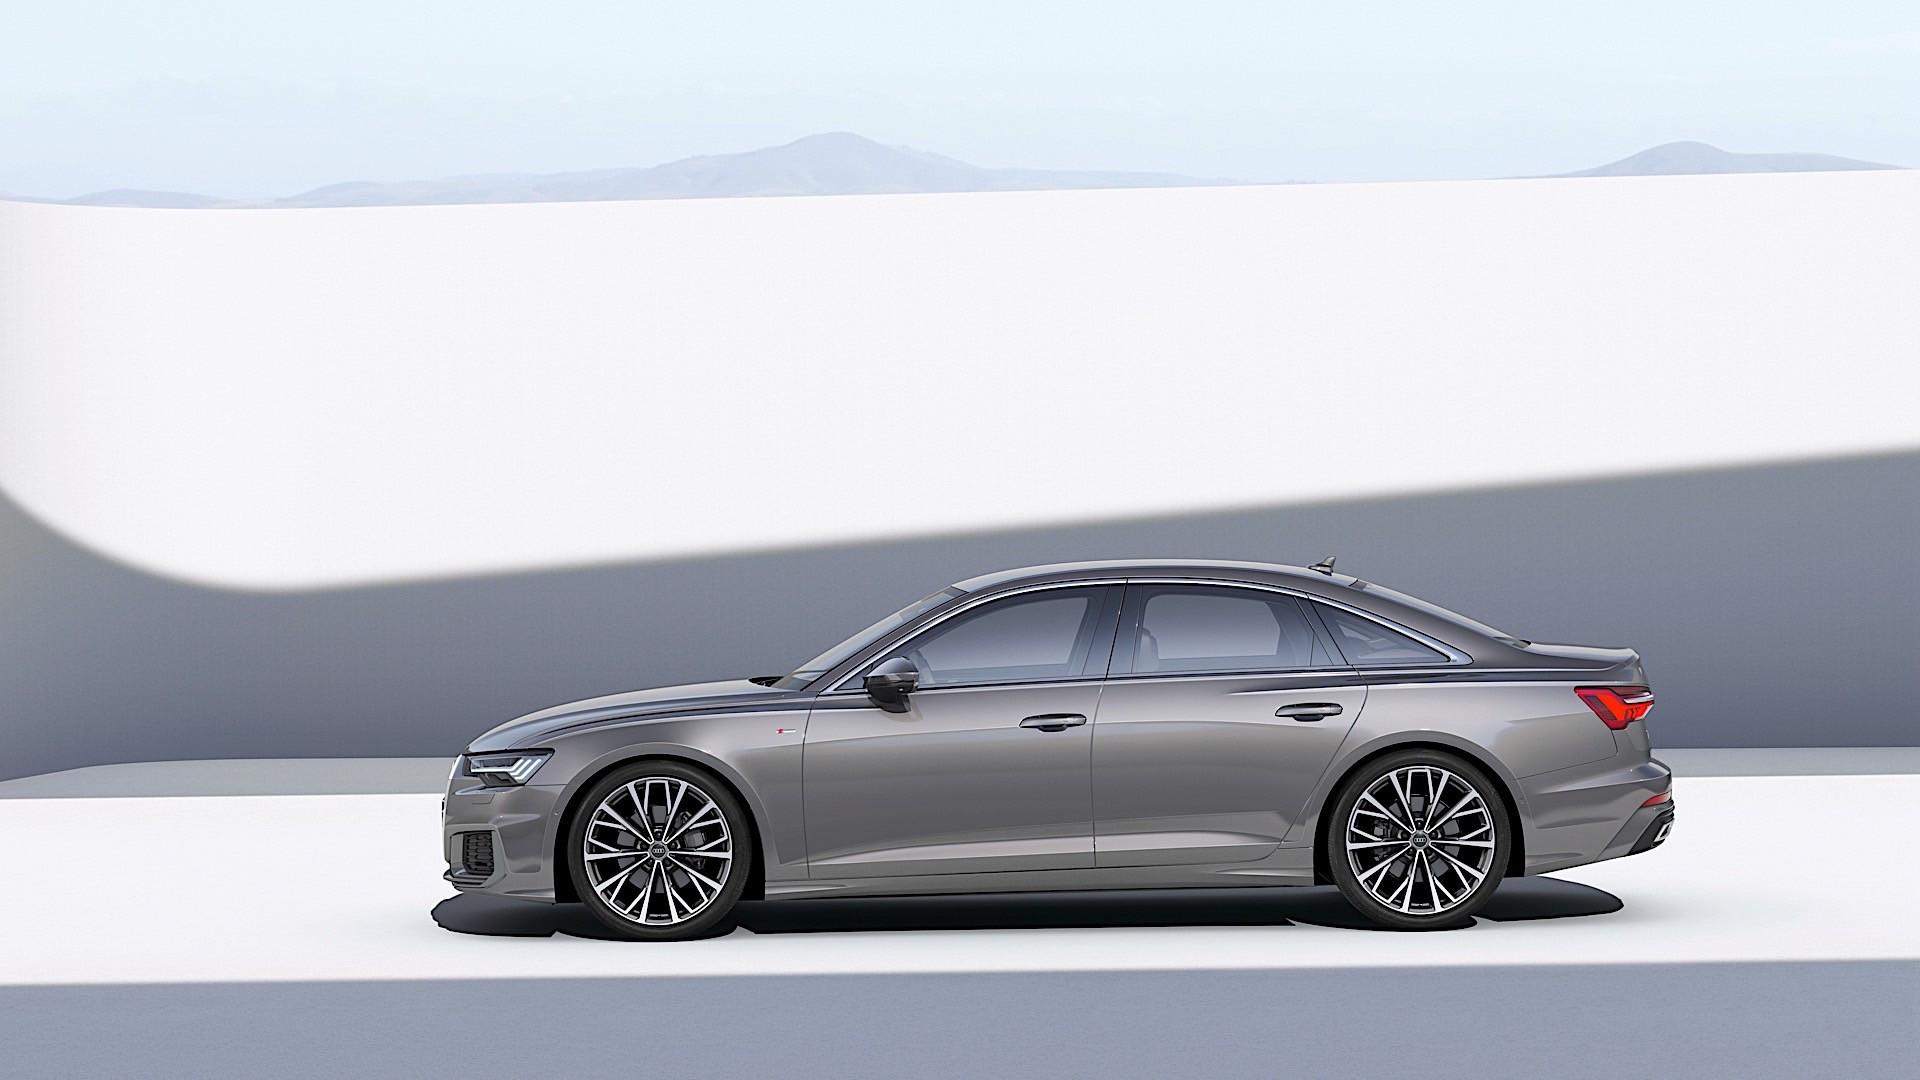 Audi A6 50 Tdi Quattro 2018 Modelini Incelemeye Doyamadık Yolcu360